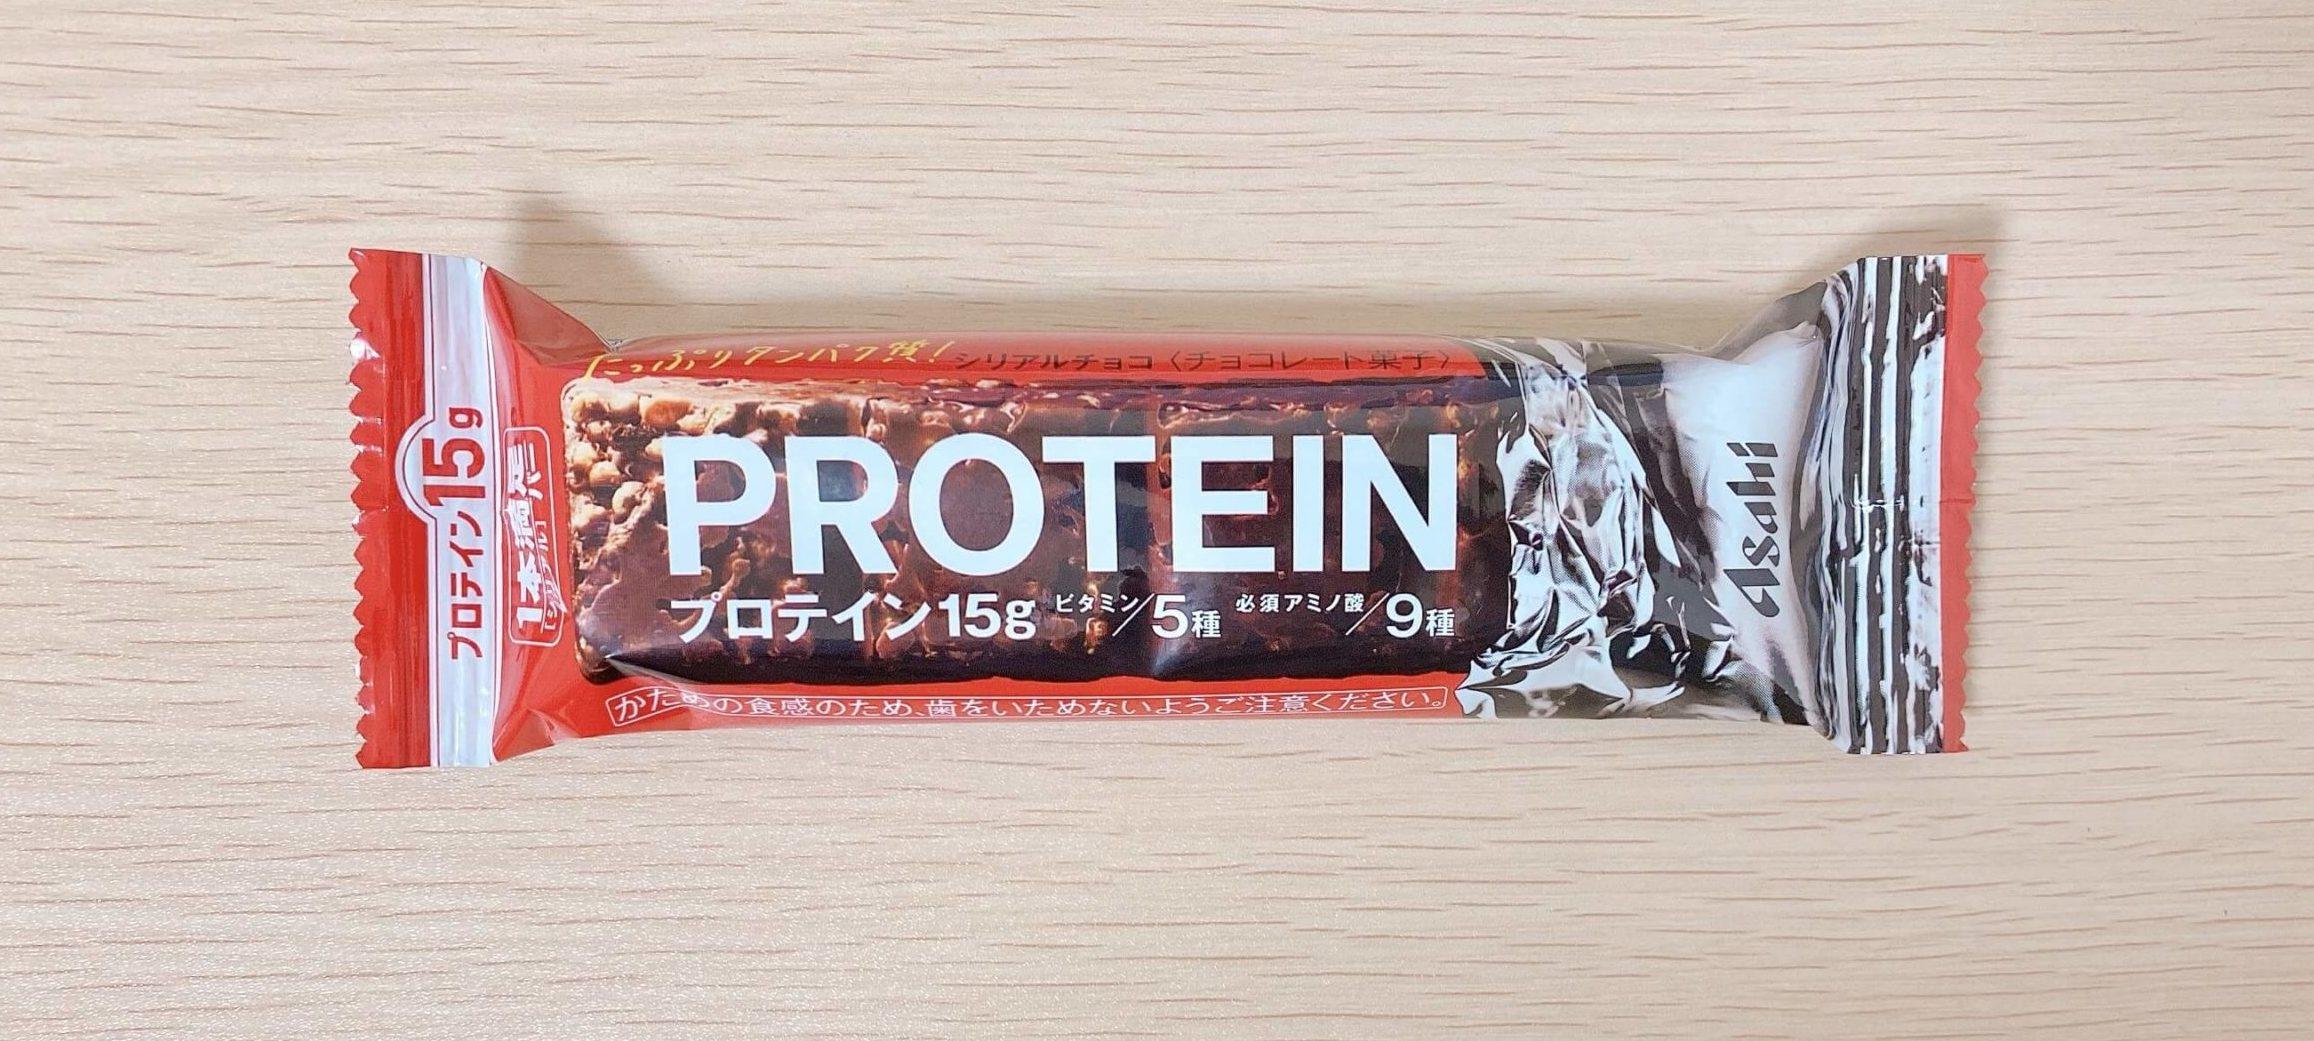 ダイエットなら一本満足バープロテインチョコがおすすめ